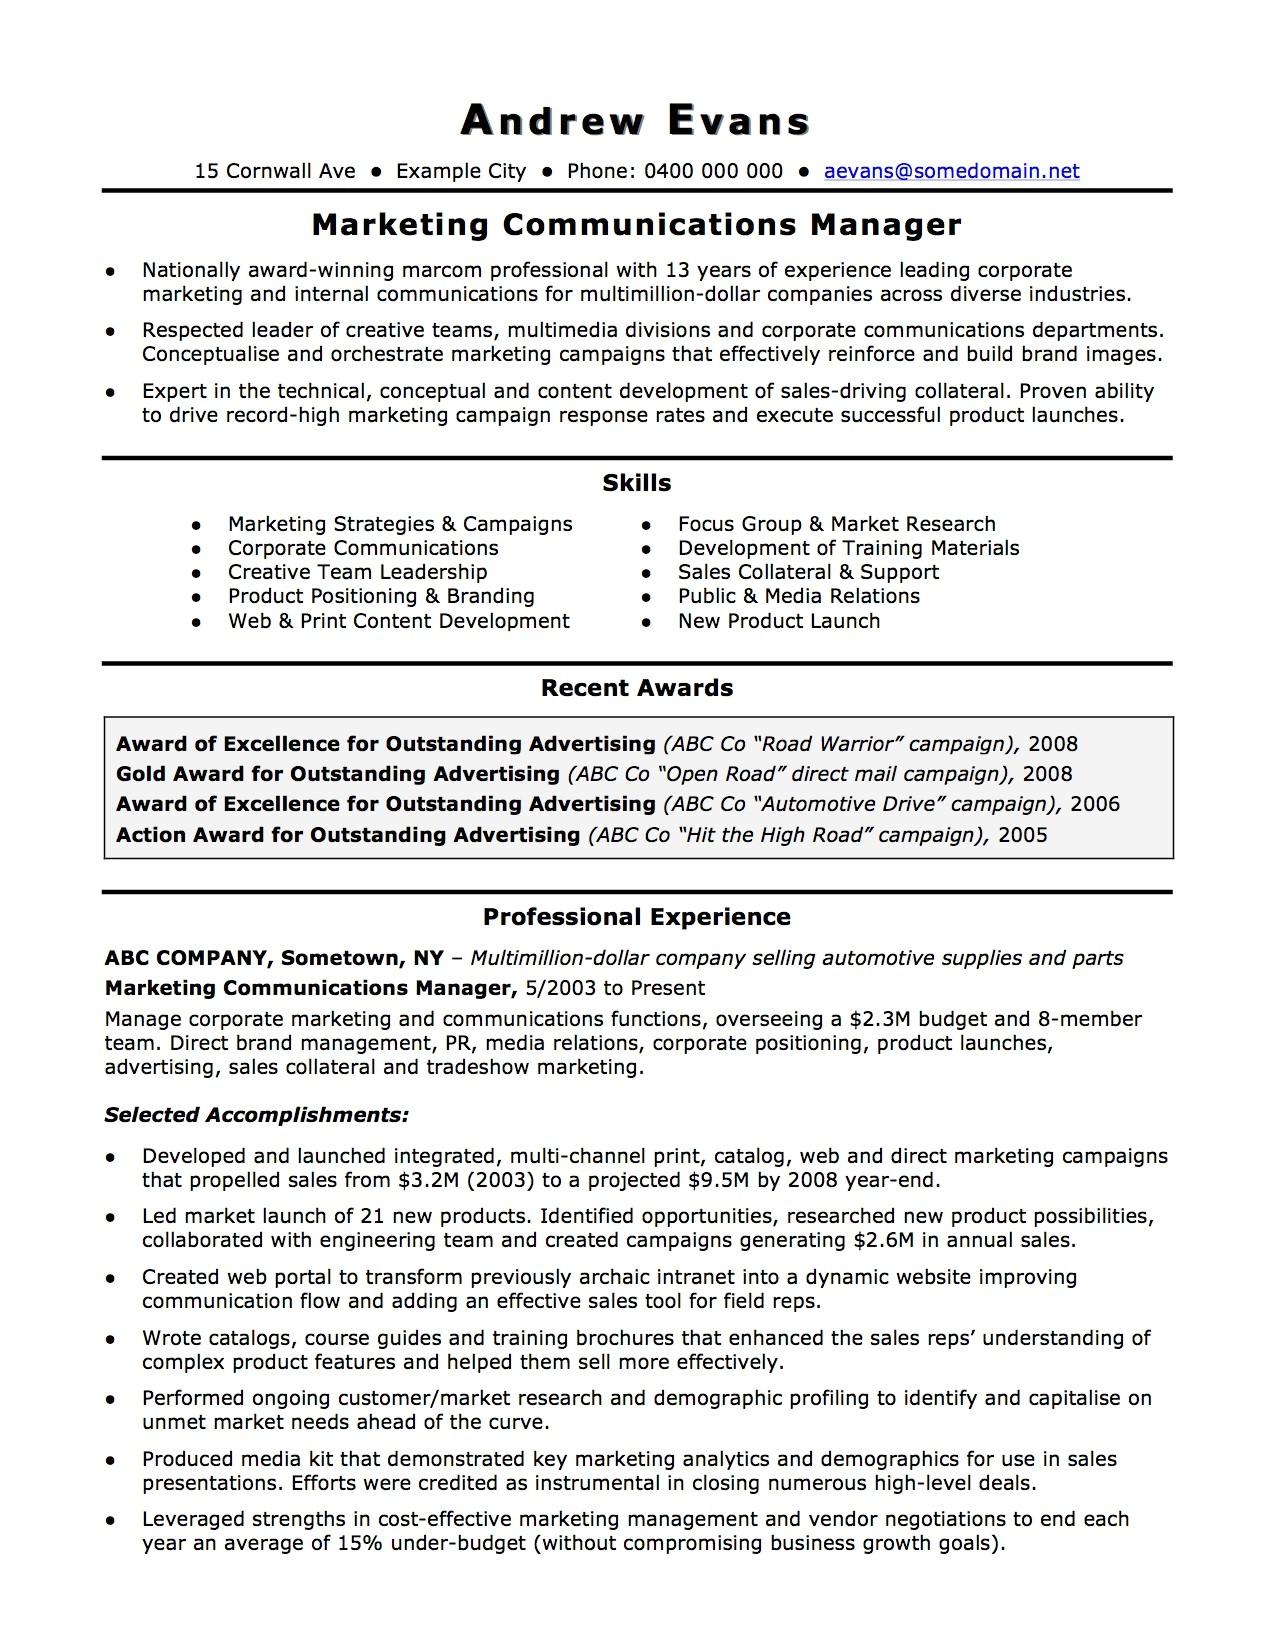 australian resume